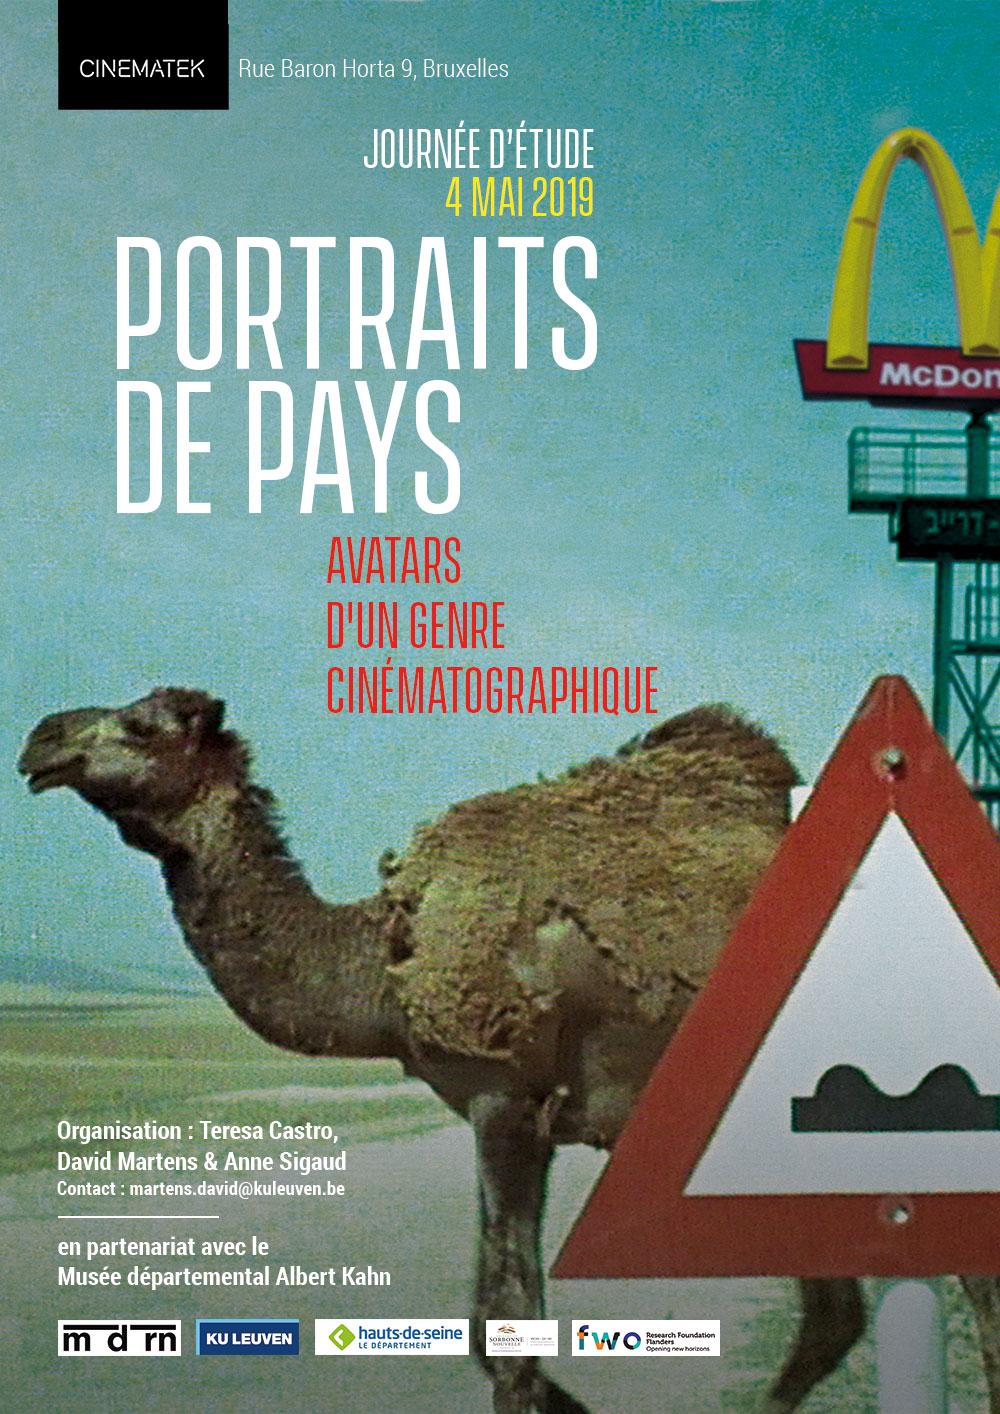 Portraits de pays. Avatars d'un genre cinématographique (Bruxelles)